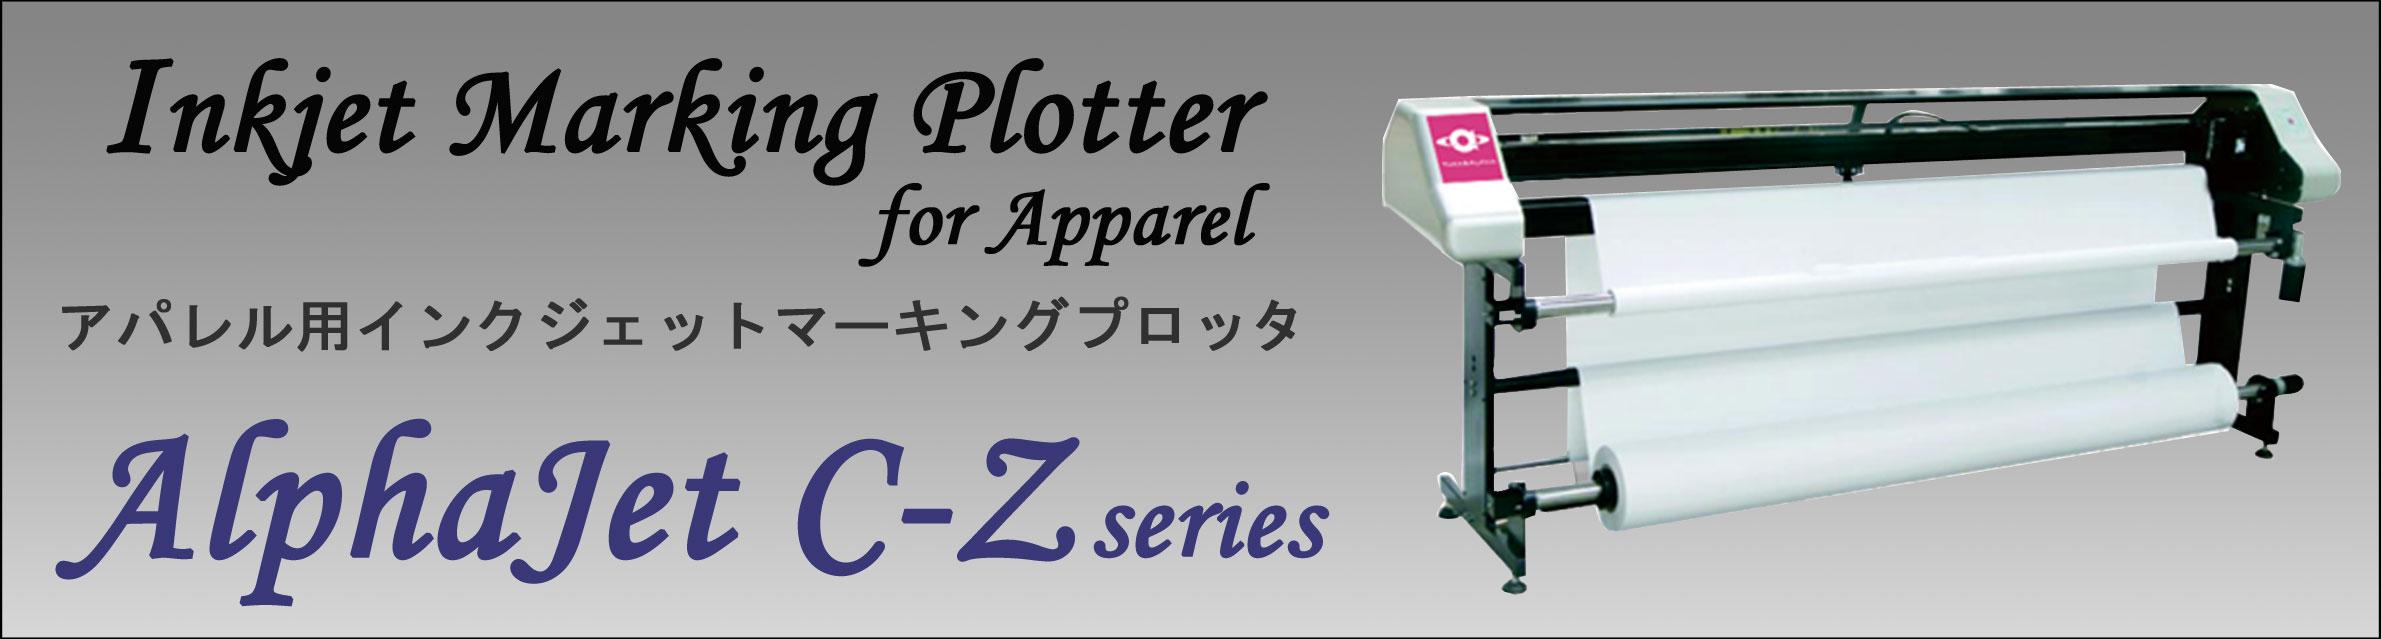 アパレル用インクジェットマーキングプロッタ - AlphaJetC-Z